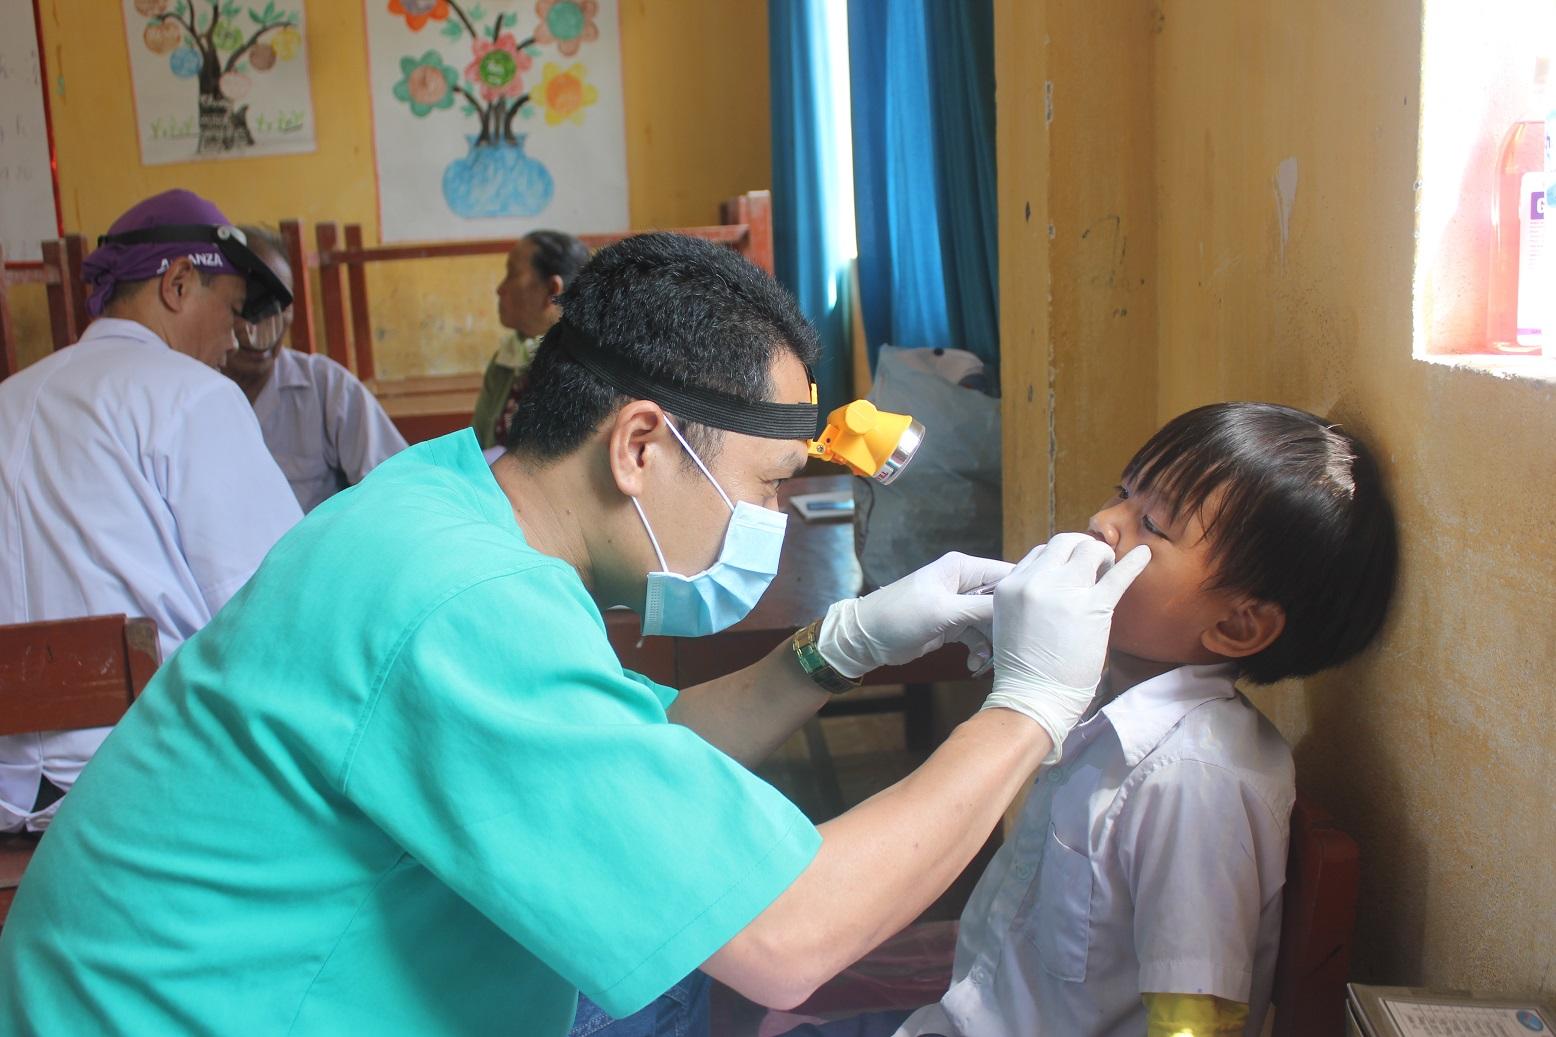 Đoàn thanh niên BVĐK  Trung ương Quảng Nam khám bệnh cho trẻ em ở Lý Sơn. Ảnh:Phương Thảo